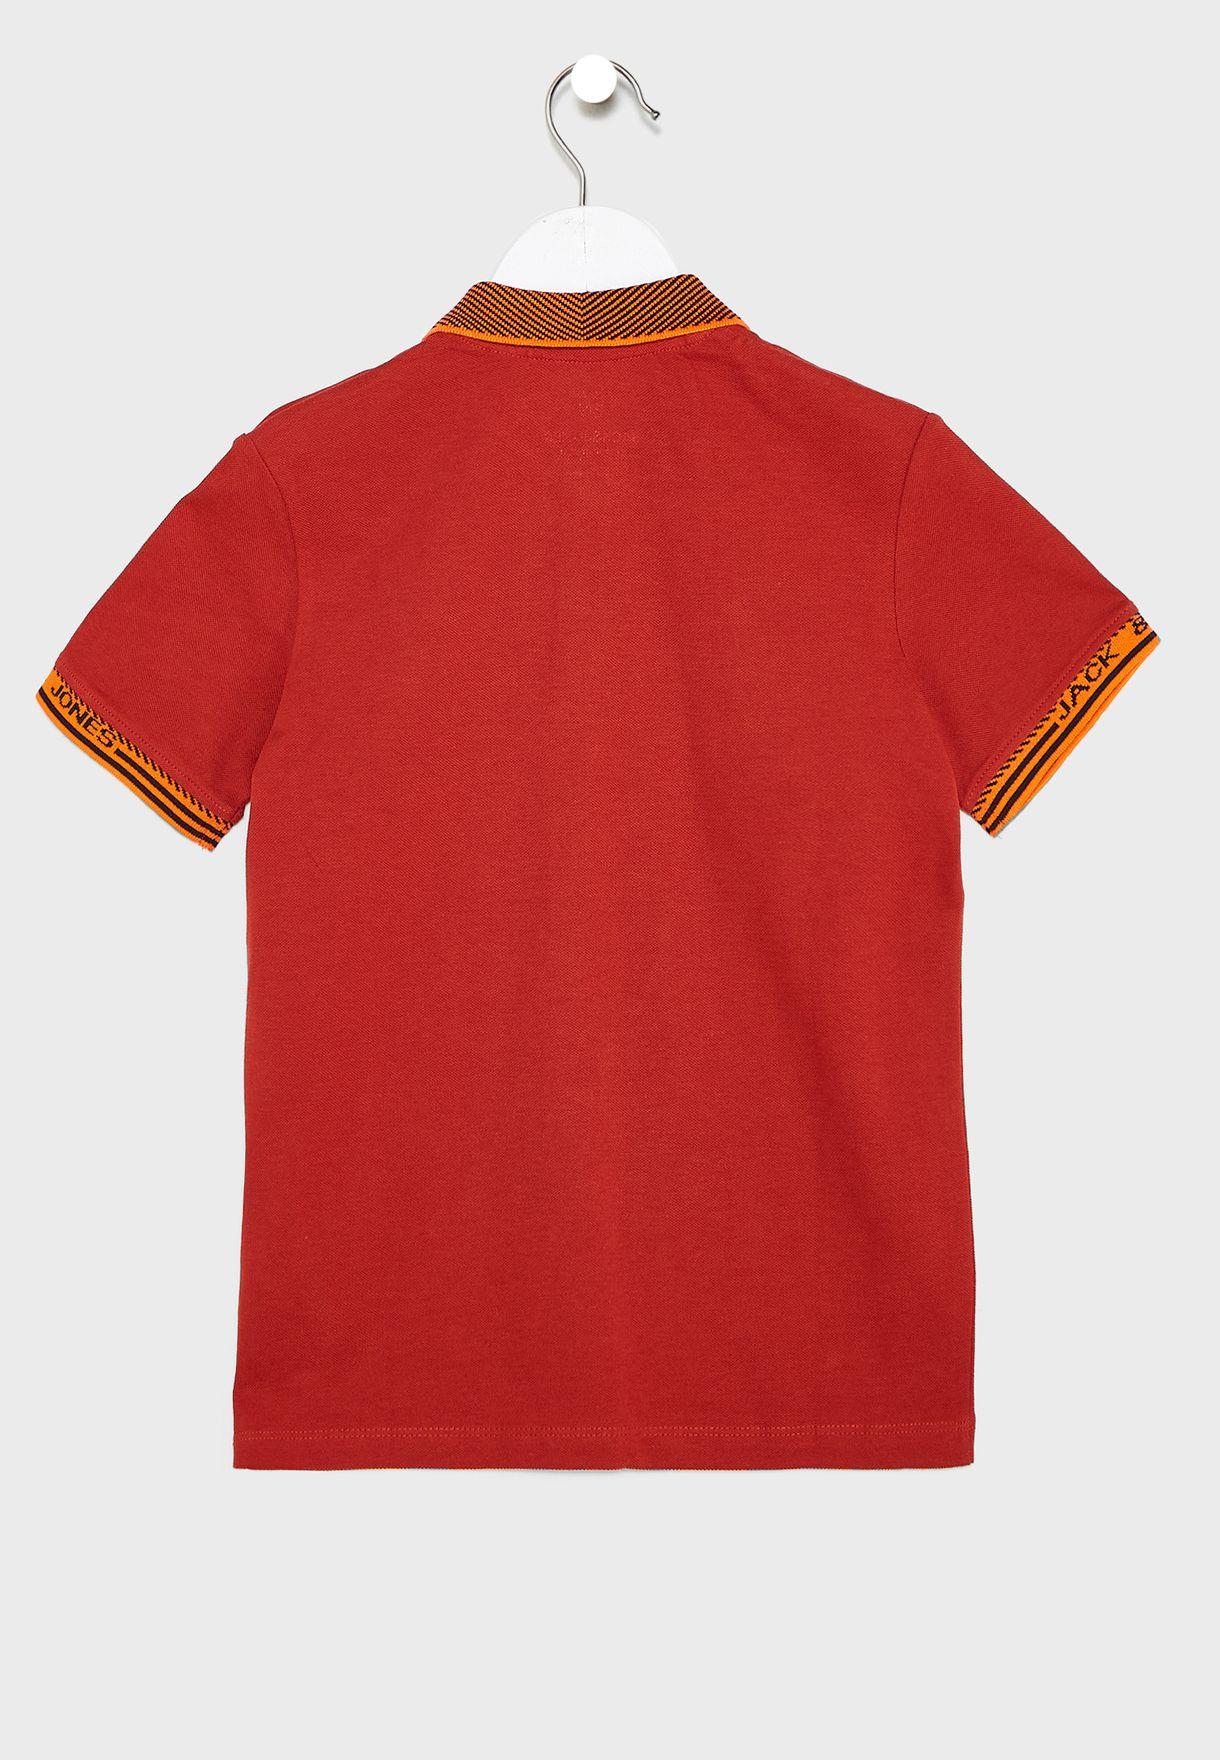 قميص بولو بشعار الماركة